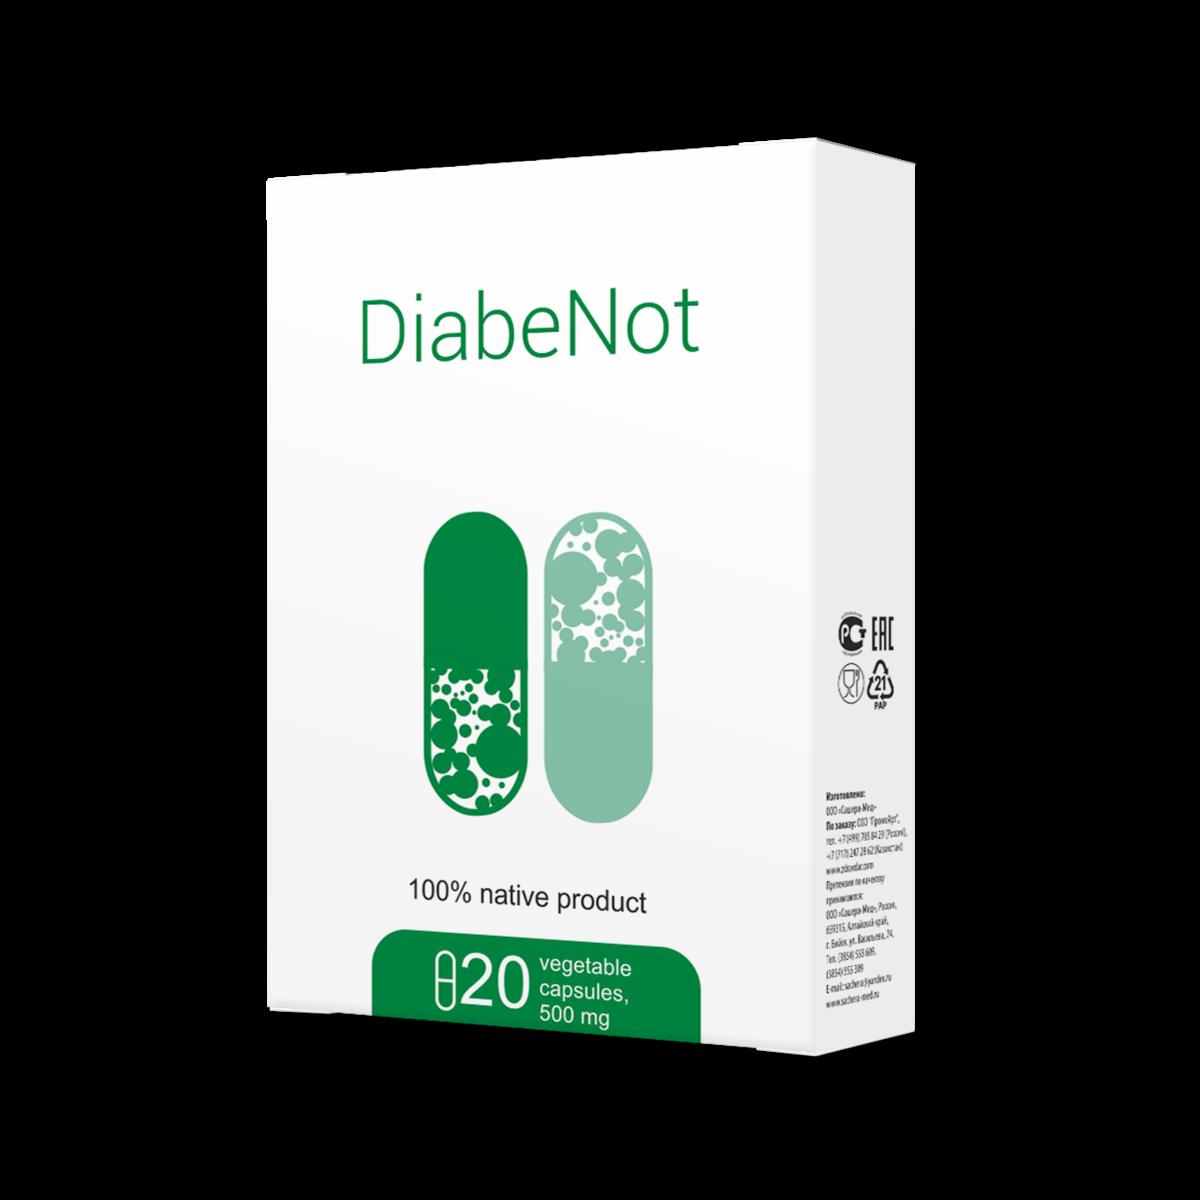 Diagen от диабета — реальные отзывы: правда или развод?